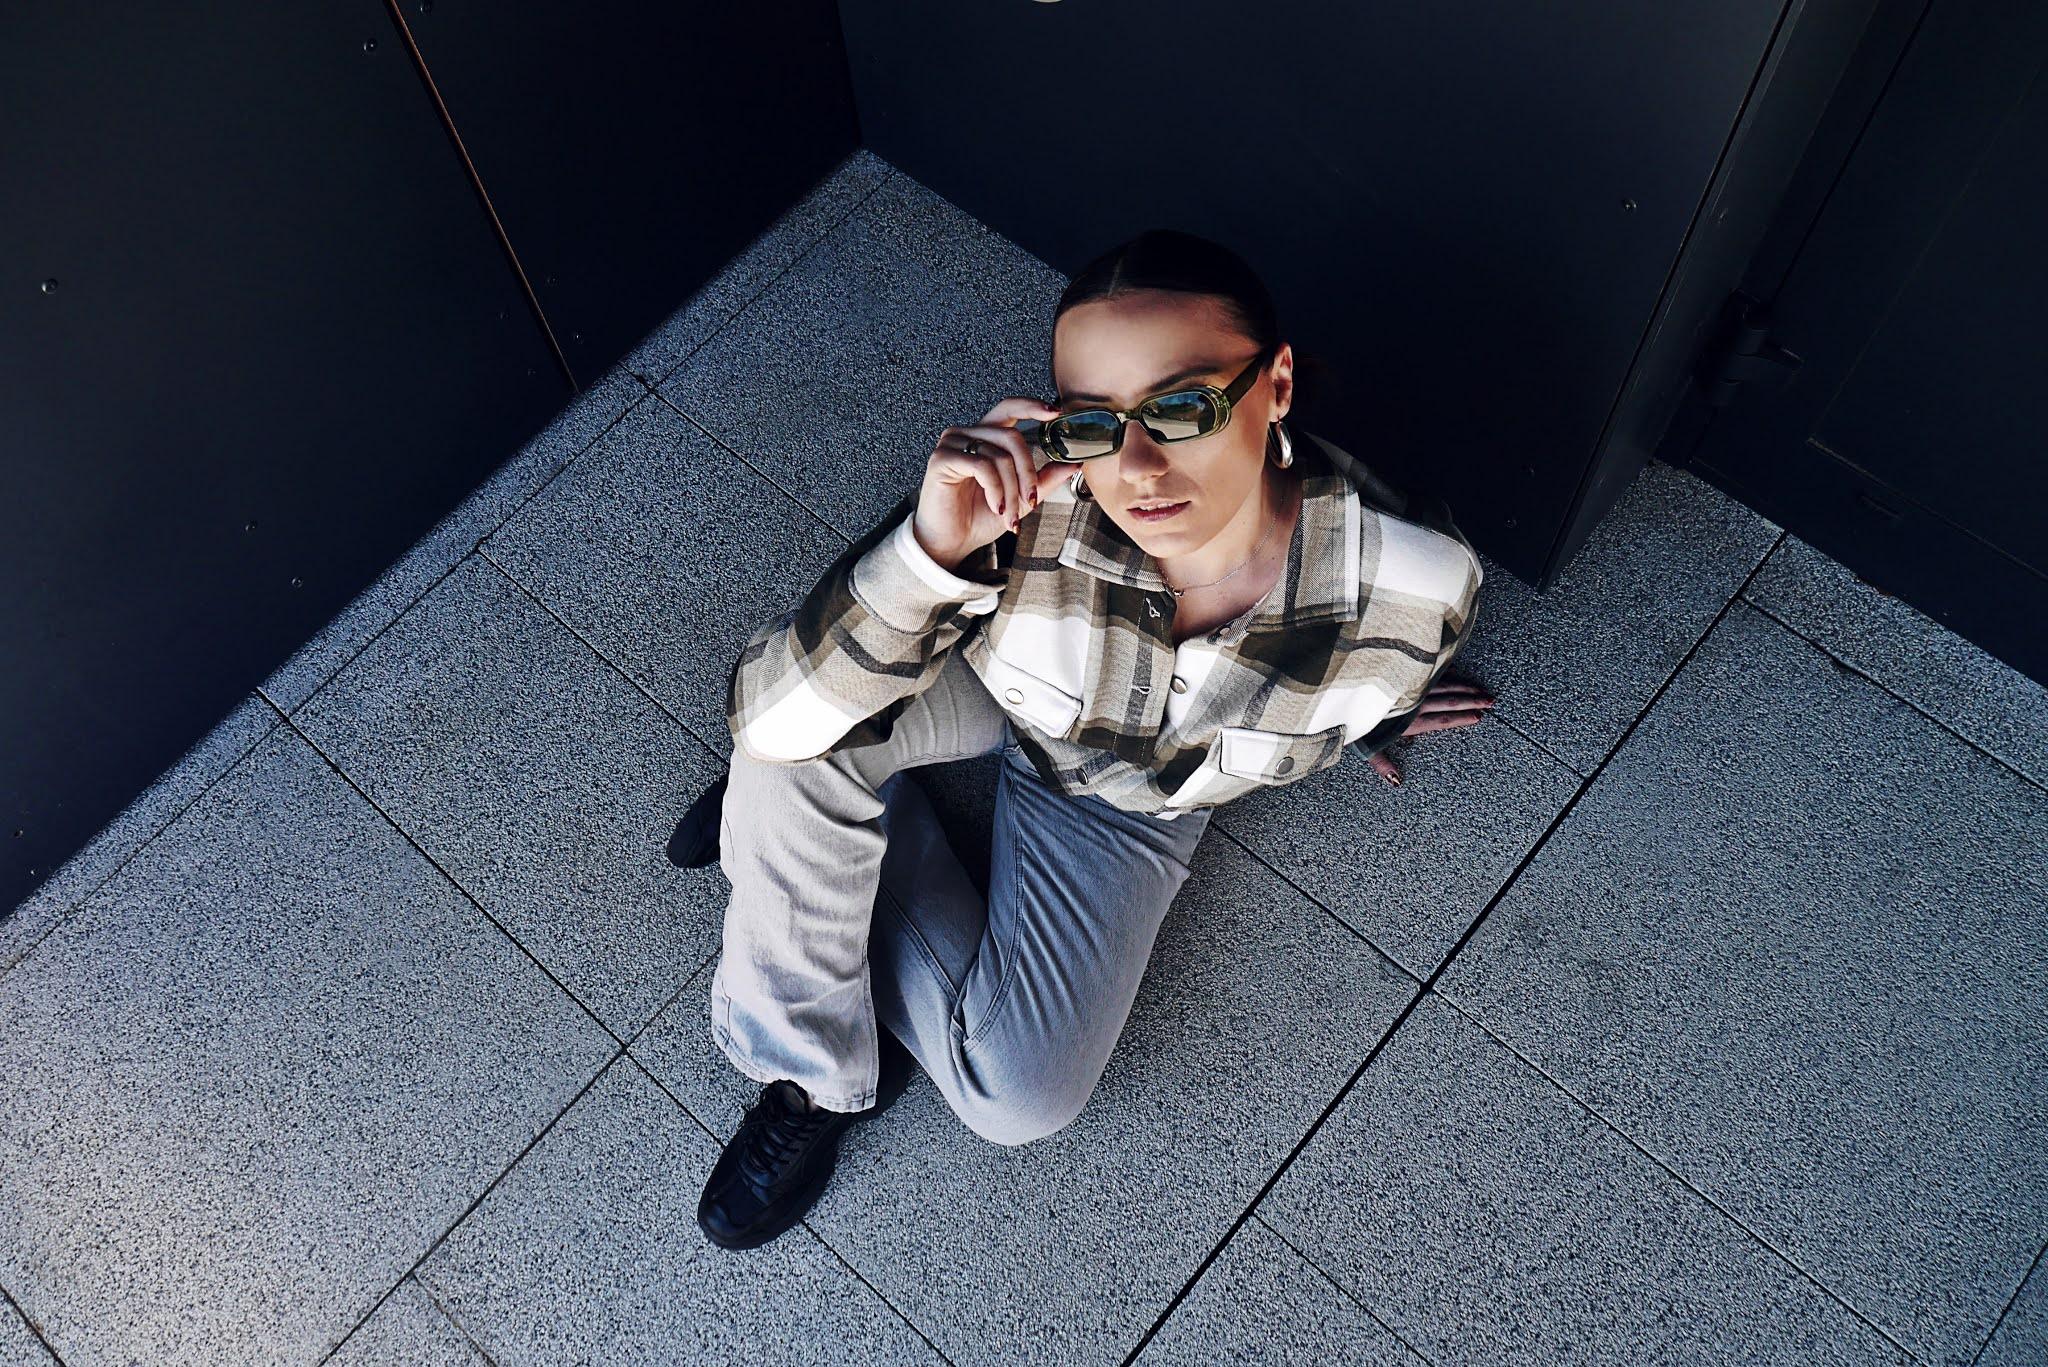 blog modowy blogerka modowa karyn puławy koszula w kratę femme luxe szare jeansowe spodnie szerokie stravidarius buty sneakersy czarne bonprix okulary zielone aliexpres stylizacja wiosenna look outfit denim 90s vibes mood